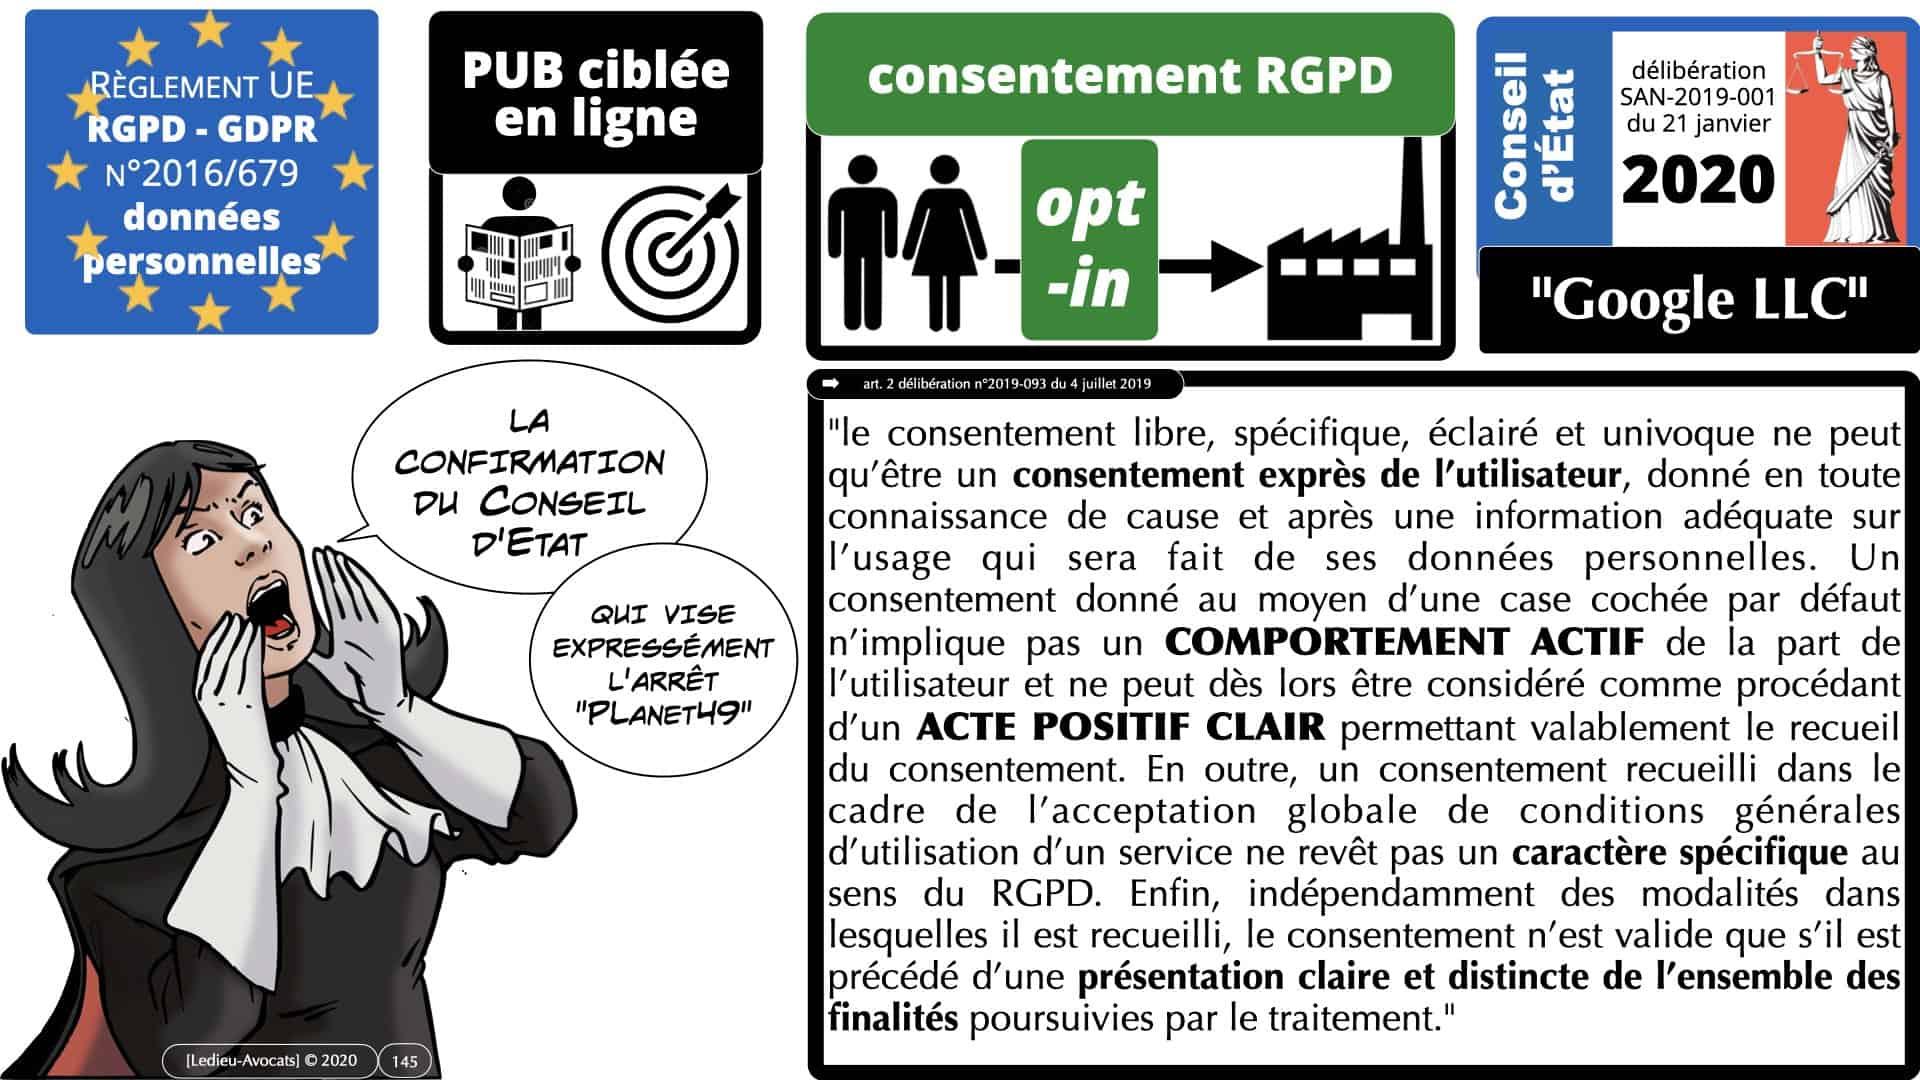 RGPD e-Privacy données personnelles jurisprudence formation Lamy Les Echos 10-02-2021 ©Ledieu-Avocats.145